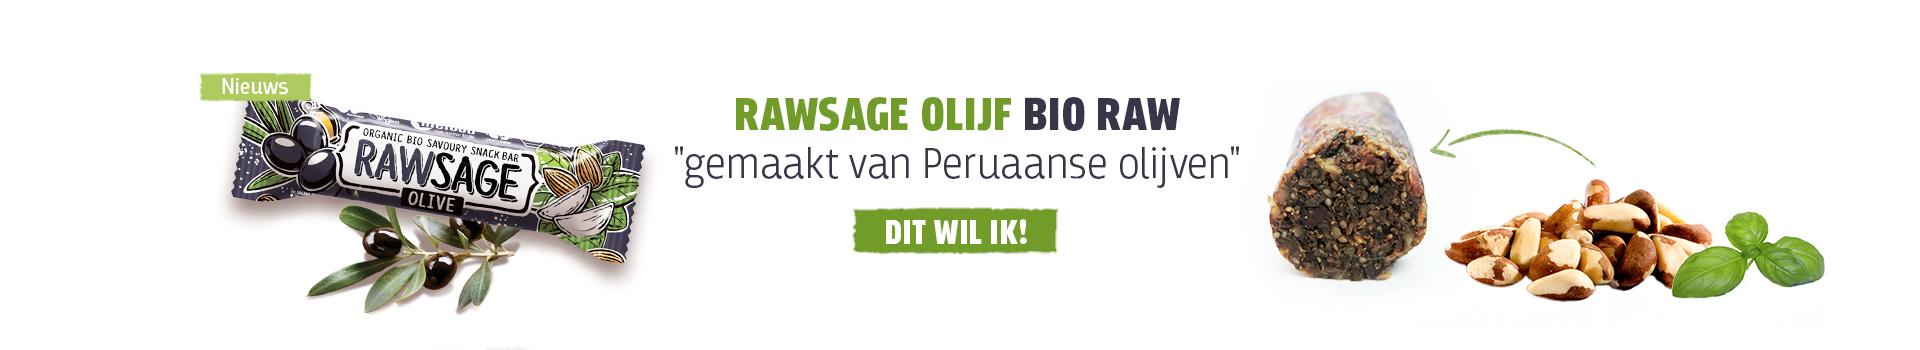 Nieuw Rawsage Olijf